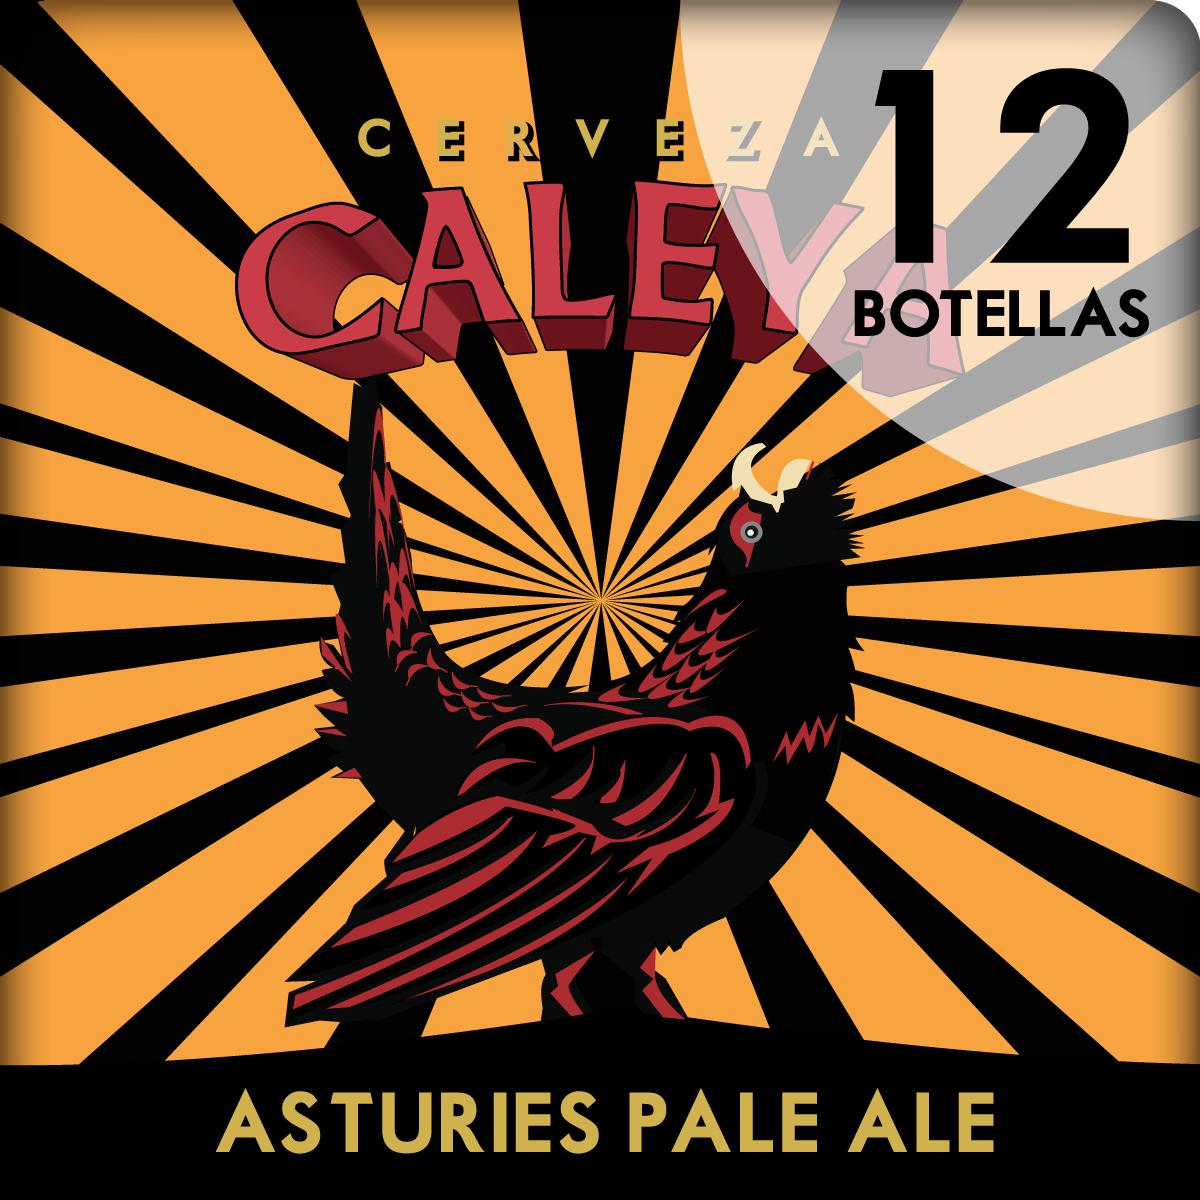 Caja de 12 botellas de Asturies Pale Ale